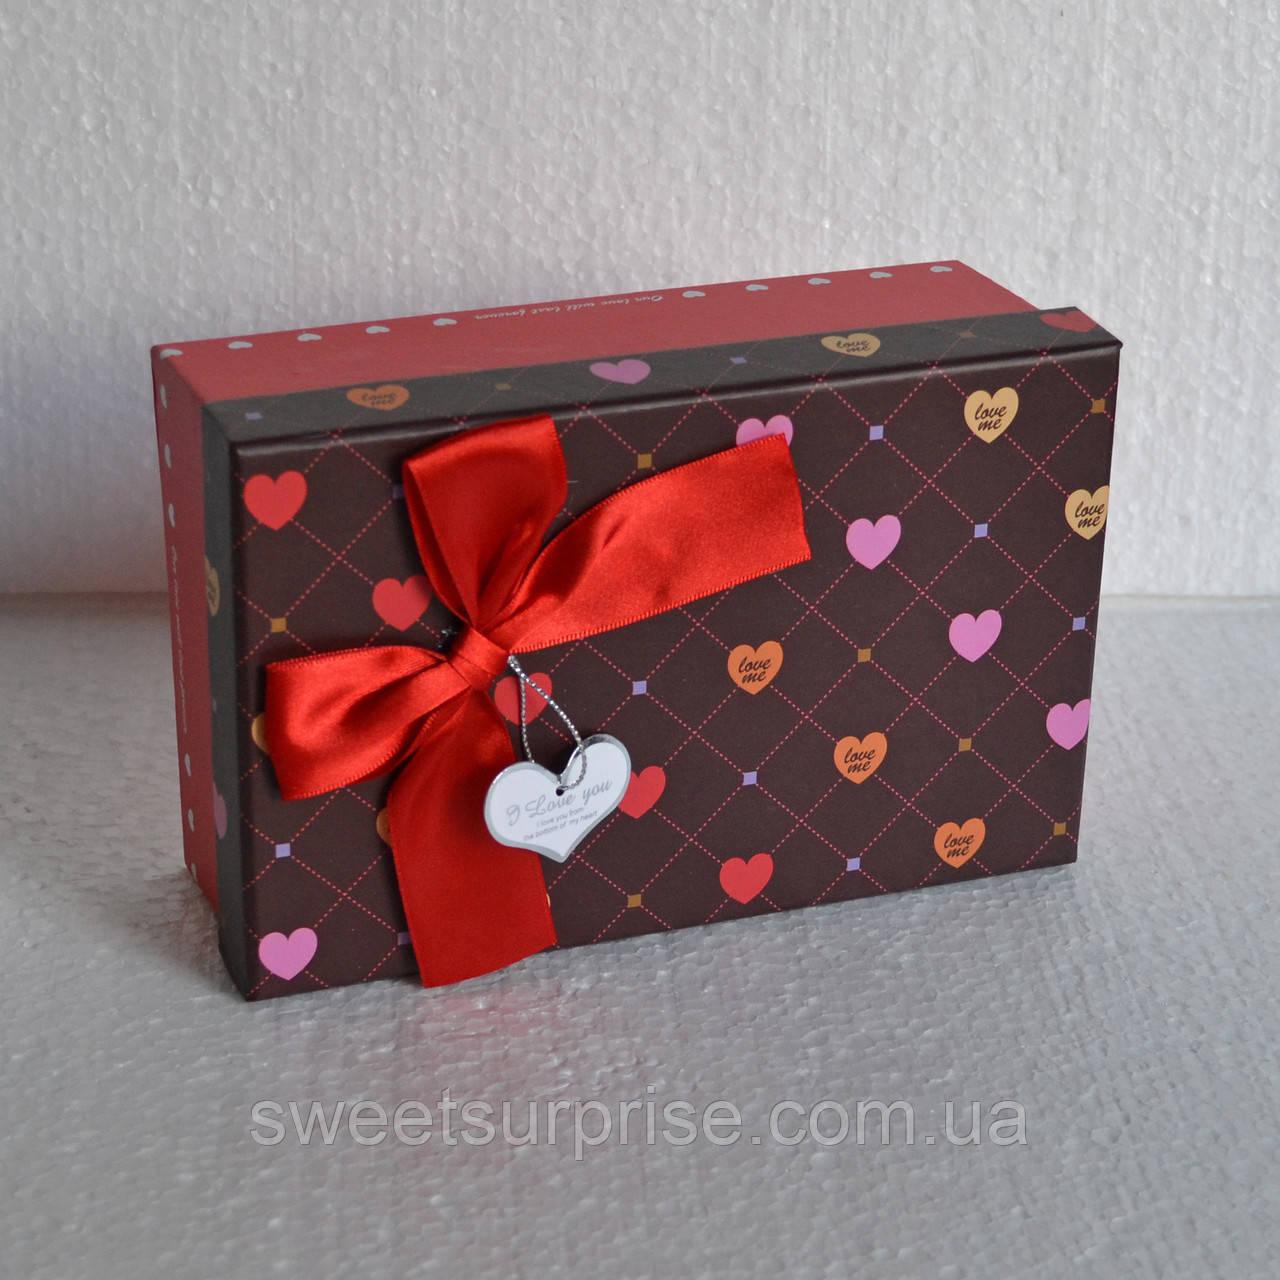 Прямоугольная подарочная коробка